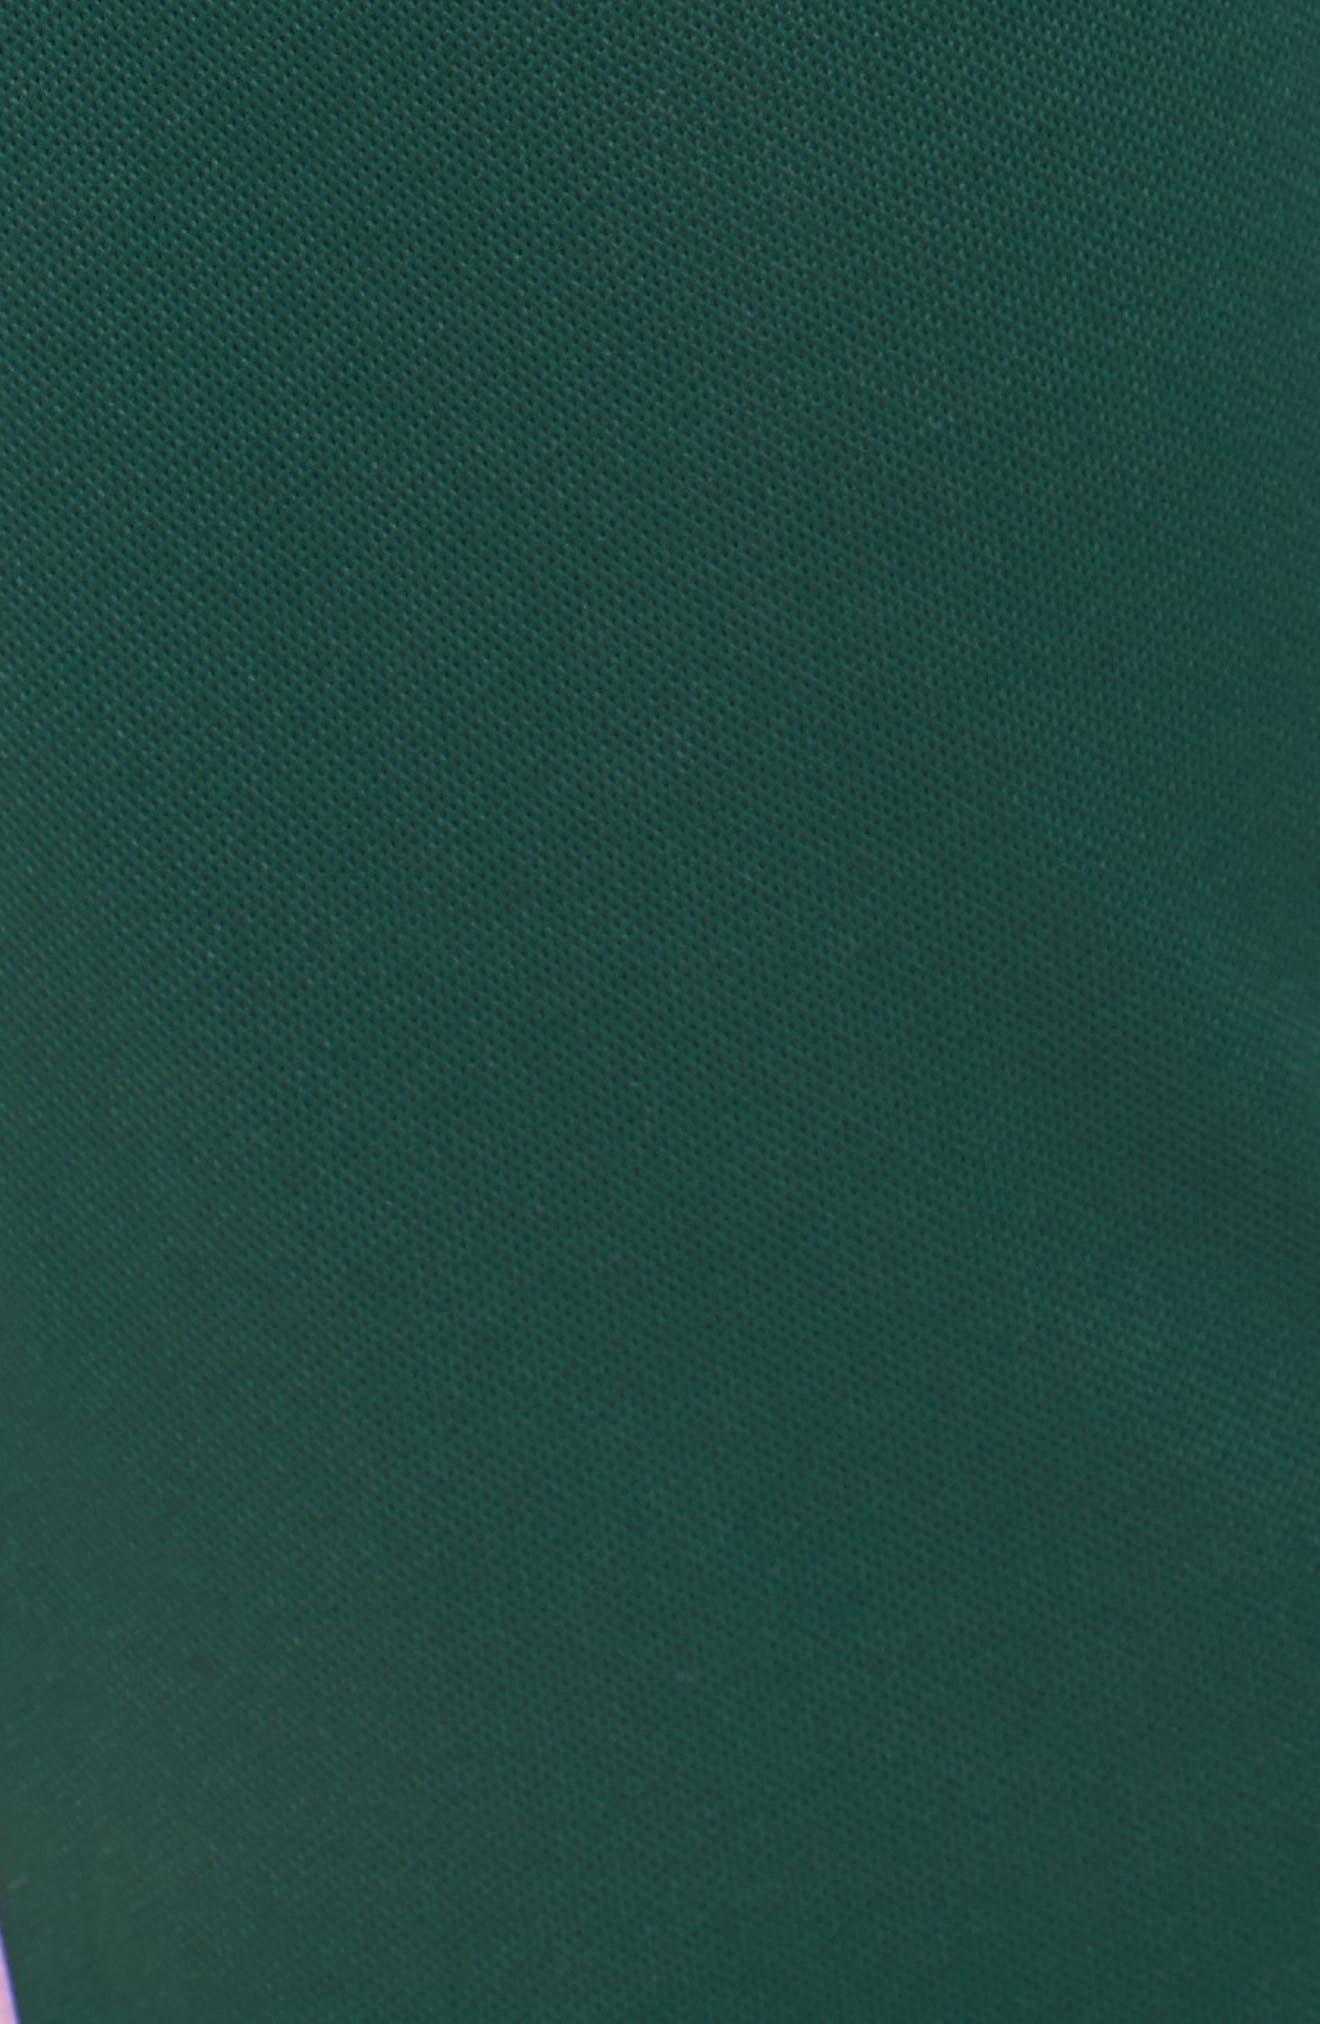 Jolie Crop Pants,                             Alternate thumbnail 6, color,                             EDEN/ PINK